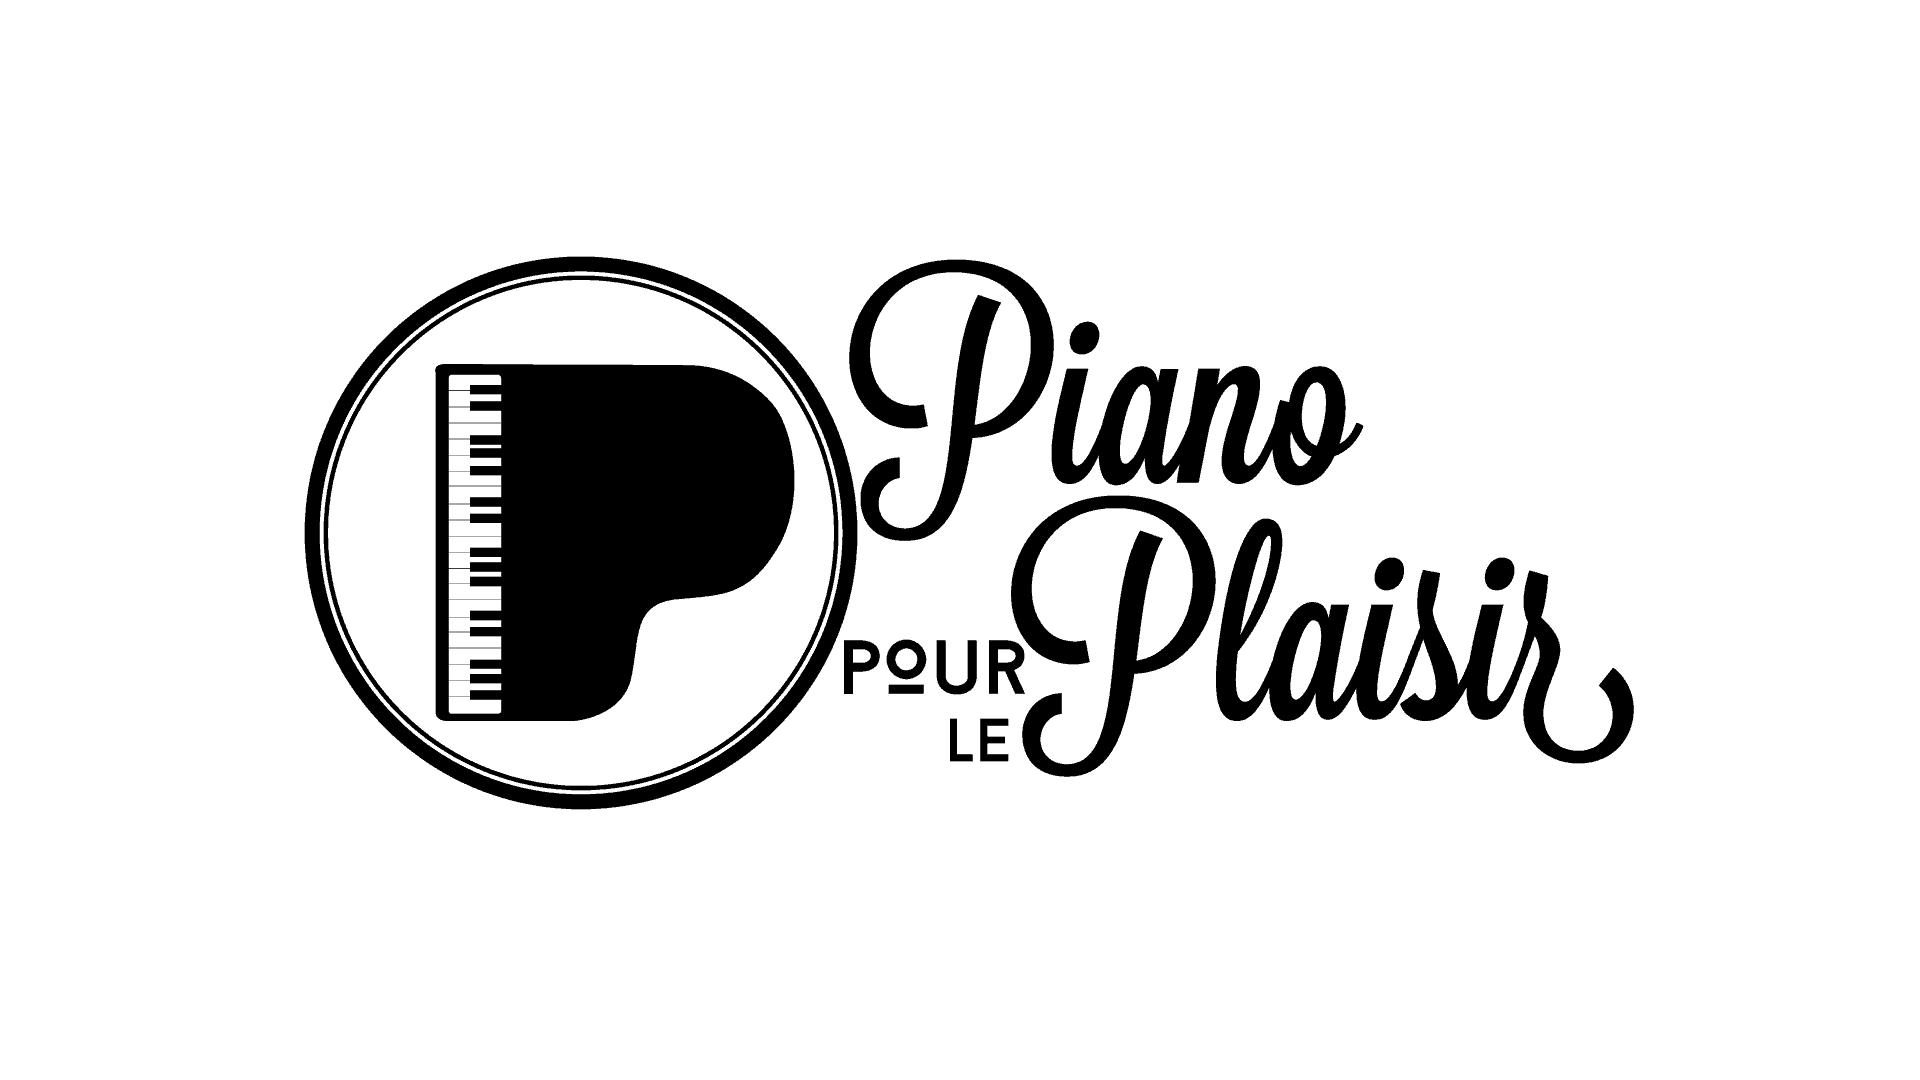 Piano Pour le Plaisir